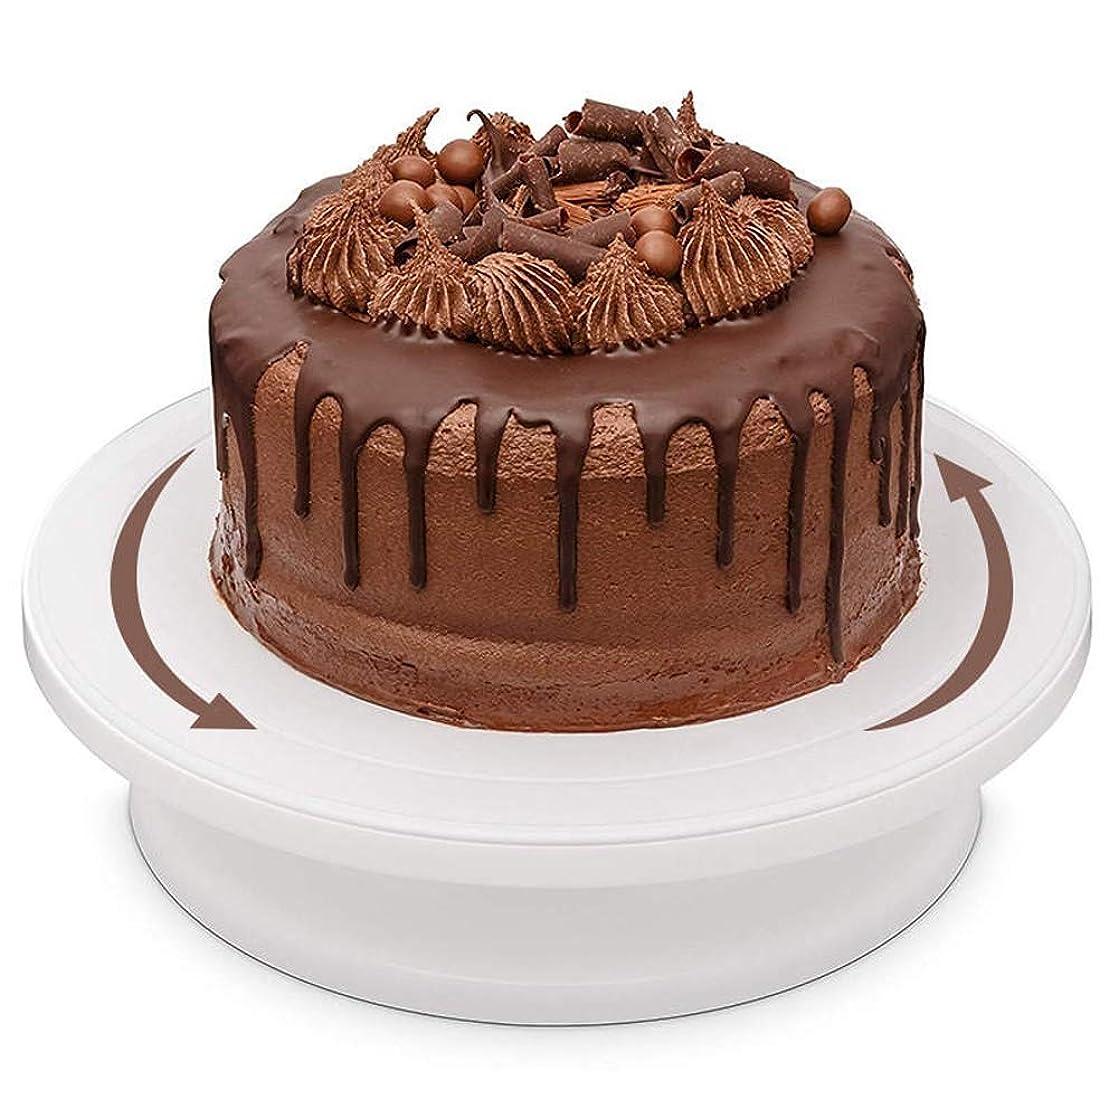 権限を与える発音オーバーランケーキスタンド 回転板キッチンDIYベーキングツール焼き型ケーキターンテーブル回転アンチスキッドラウンドケーキを飾るスタンド パーティー、家族の集まりに最適 (Color : White, Size : One size)